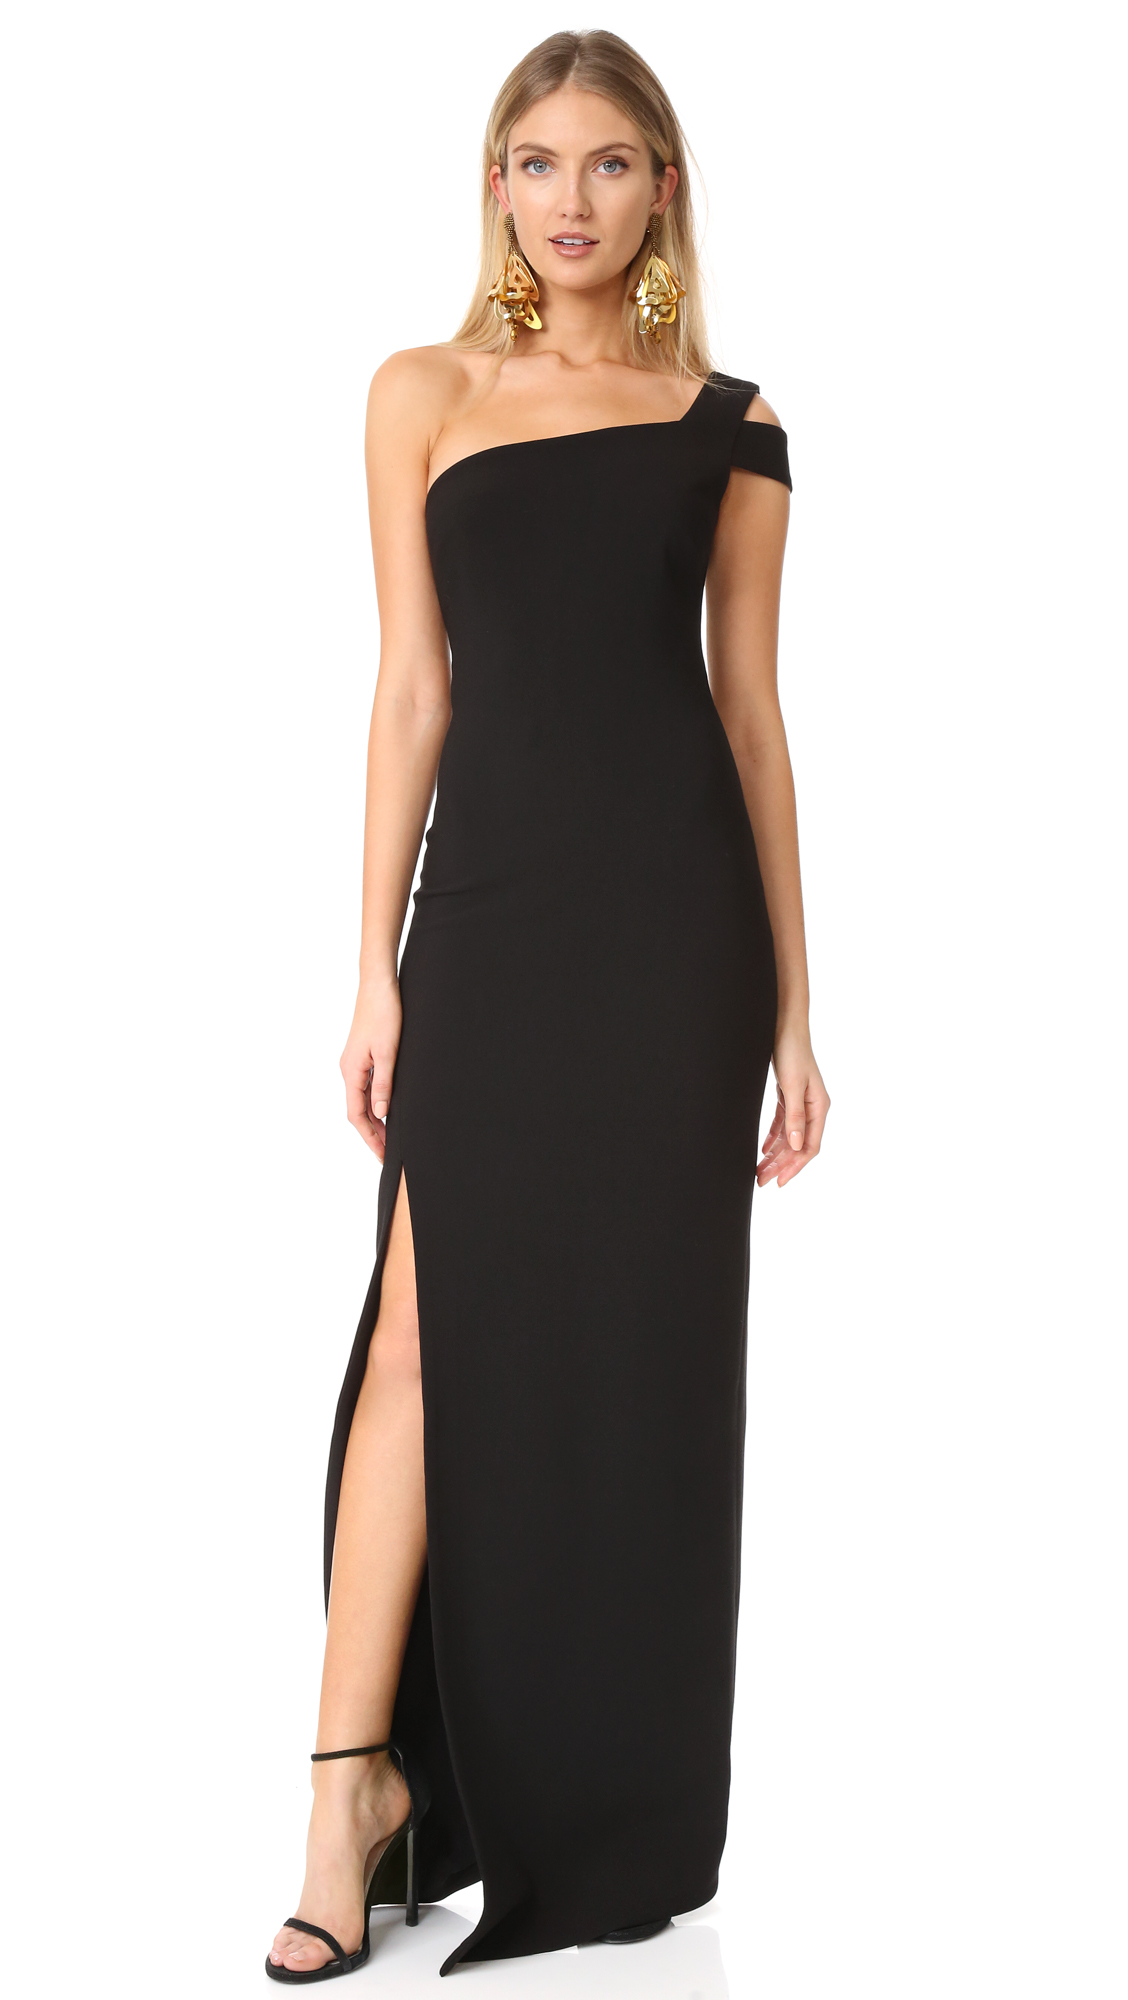 LIKELY Maxson Dress - Black